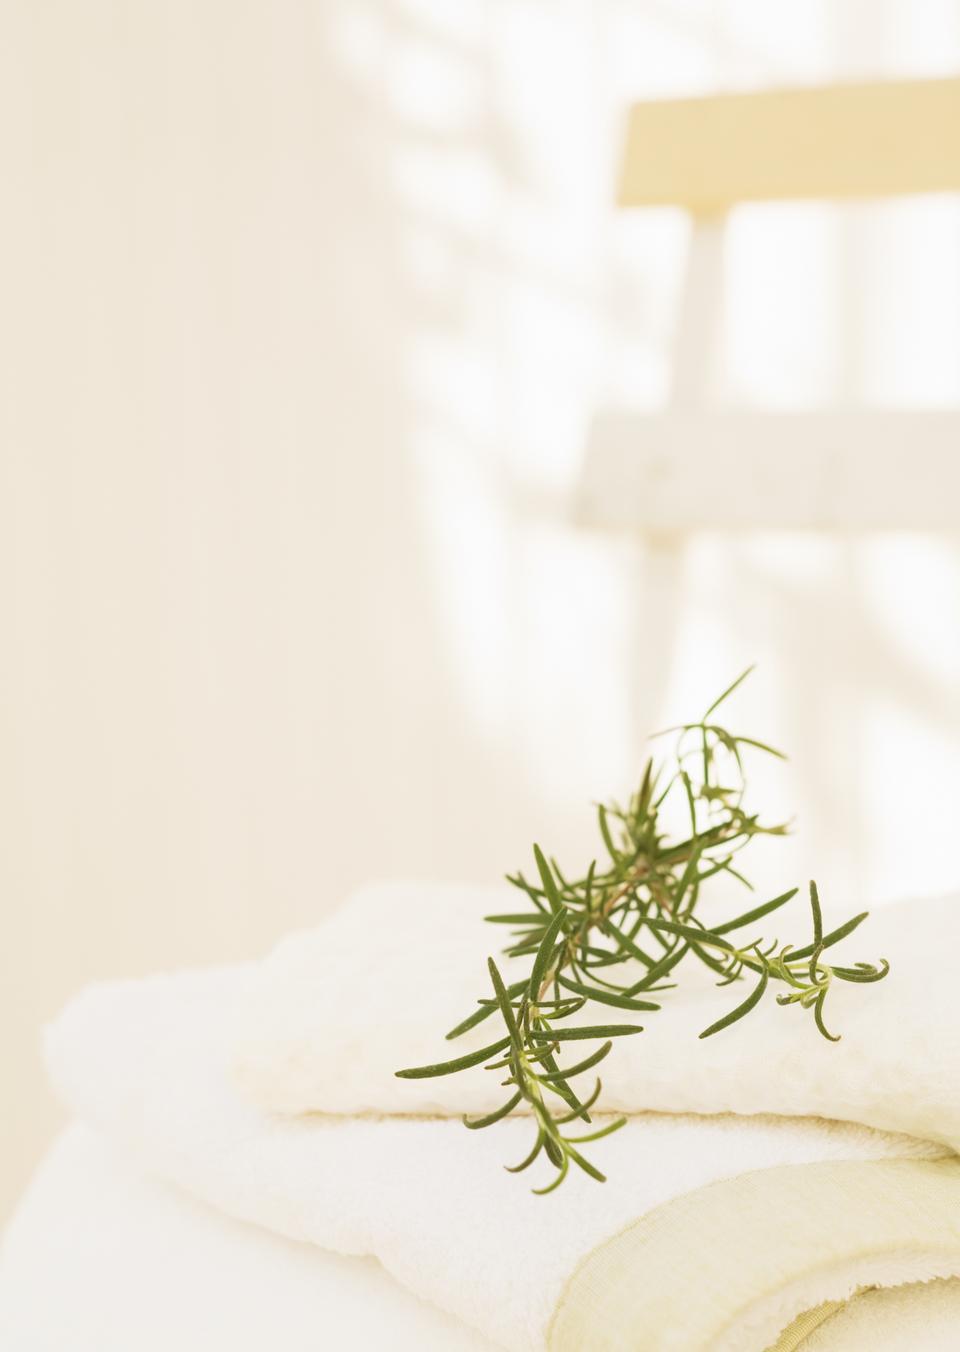 Zweigen Rosmarin und weiße Handtücher